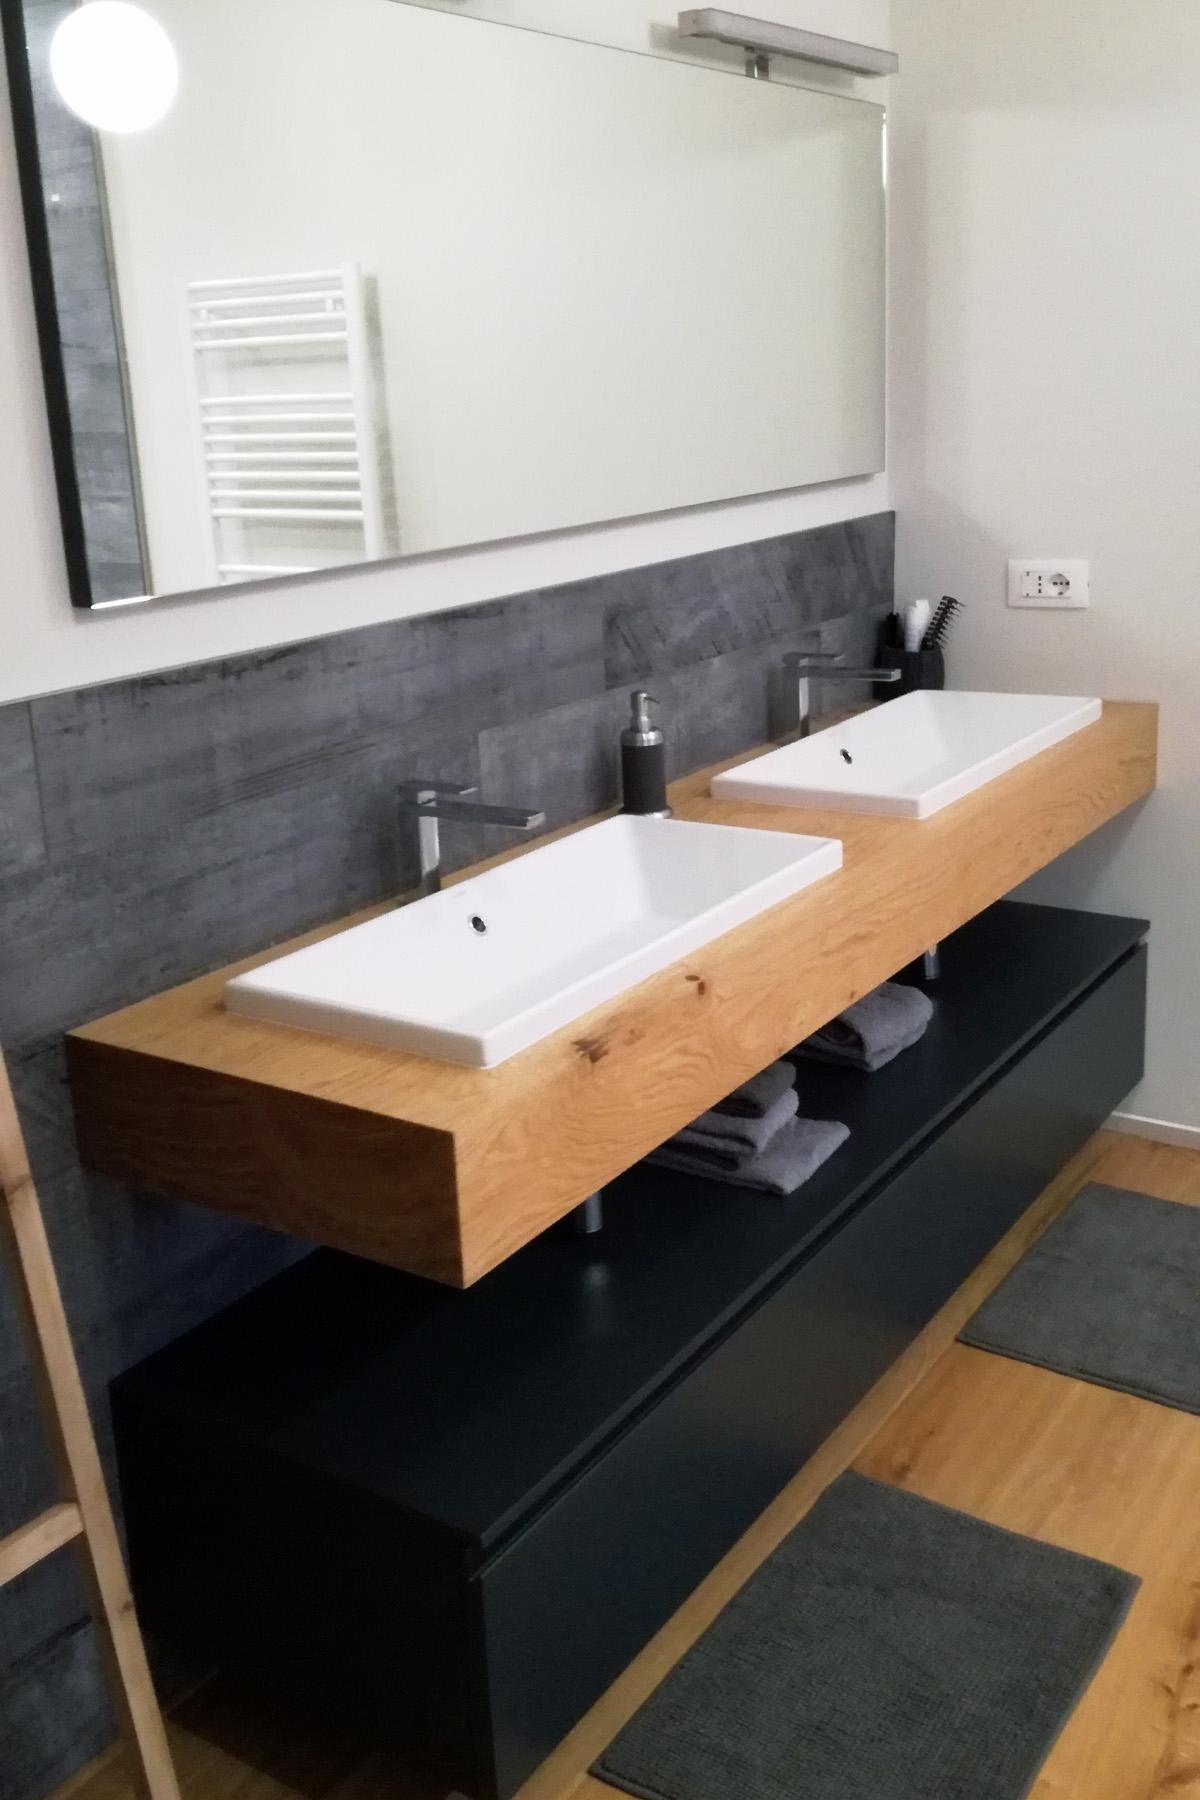 Mobile Sotto Mensola Bagno mobile bagno con mensola in legno doppio lavabo